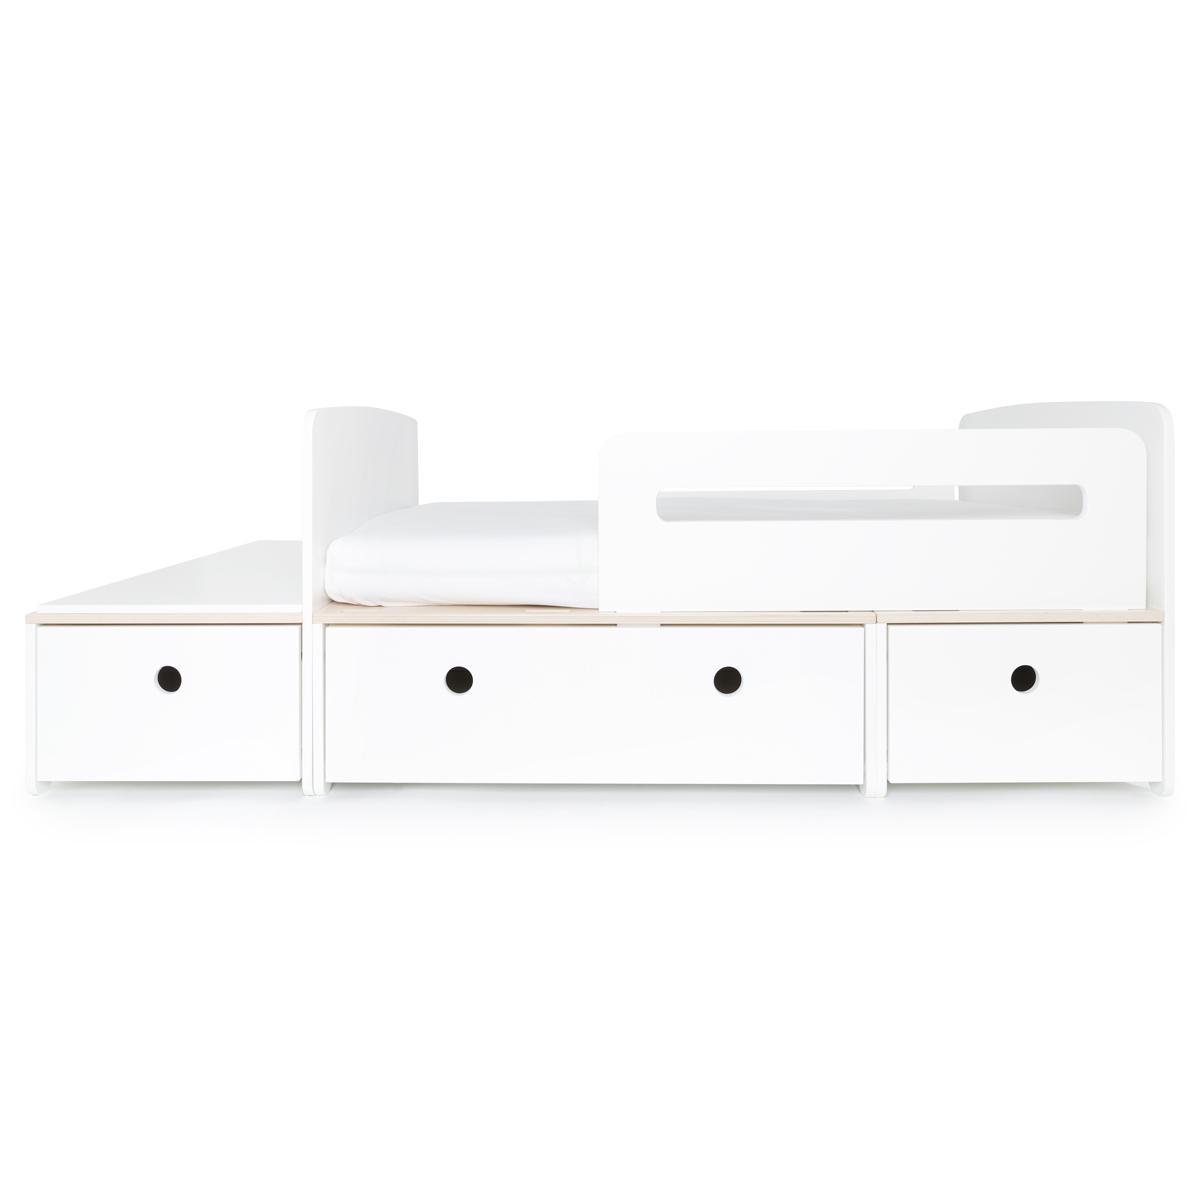 Juniorbett mitwachsend 90x150/200cm COLORFLEX white